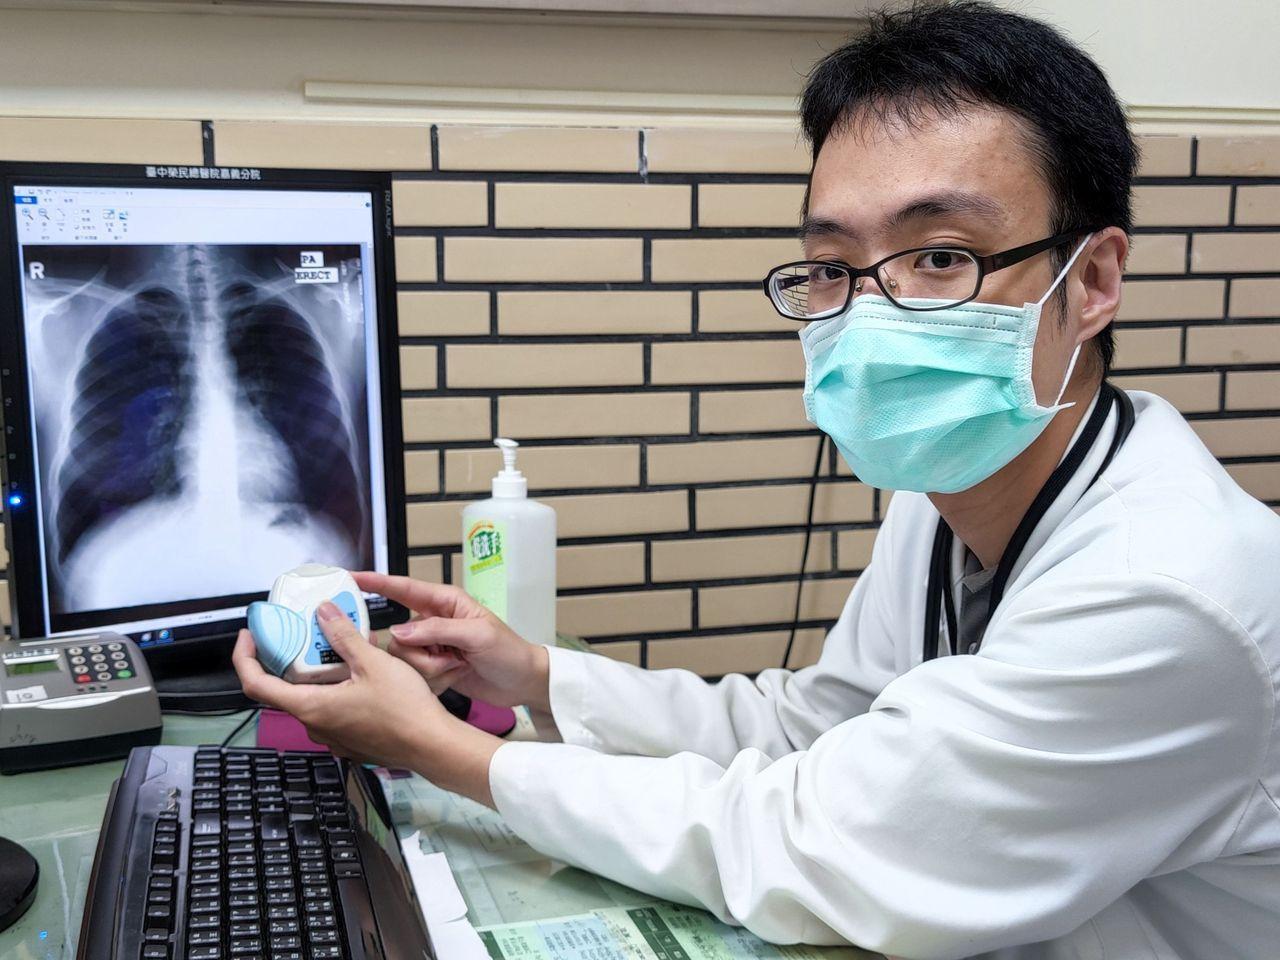 嘉市42歲陳姓女子因疫情不敢回診,停藥近1個月導致急性氣喘發作住院。圖為台中榮總...